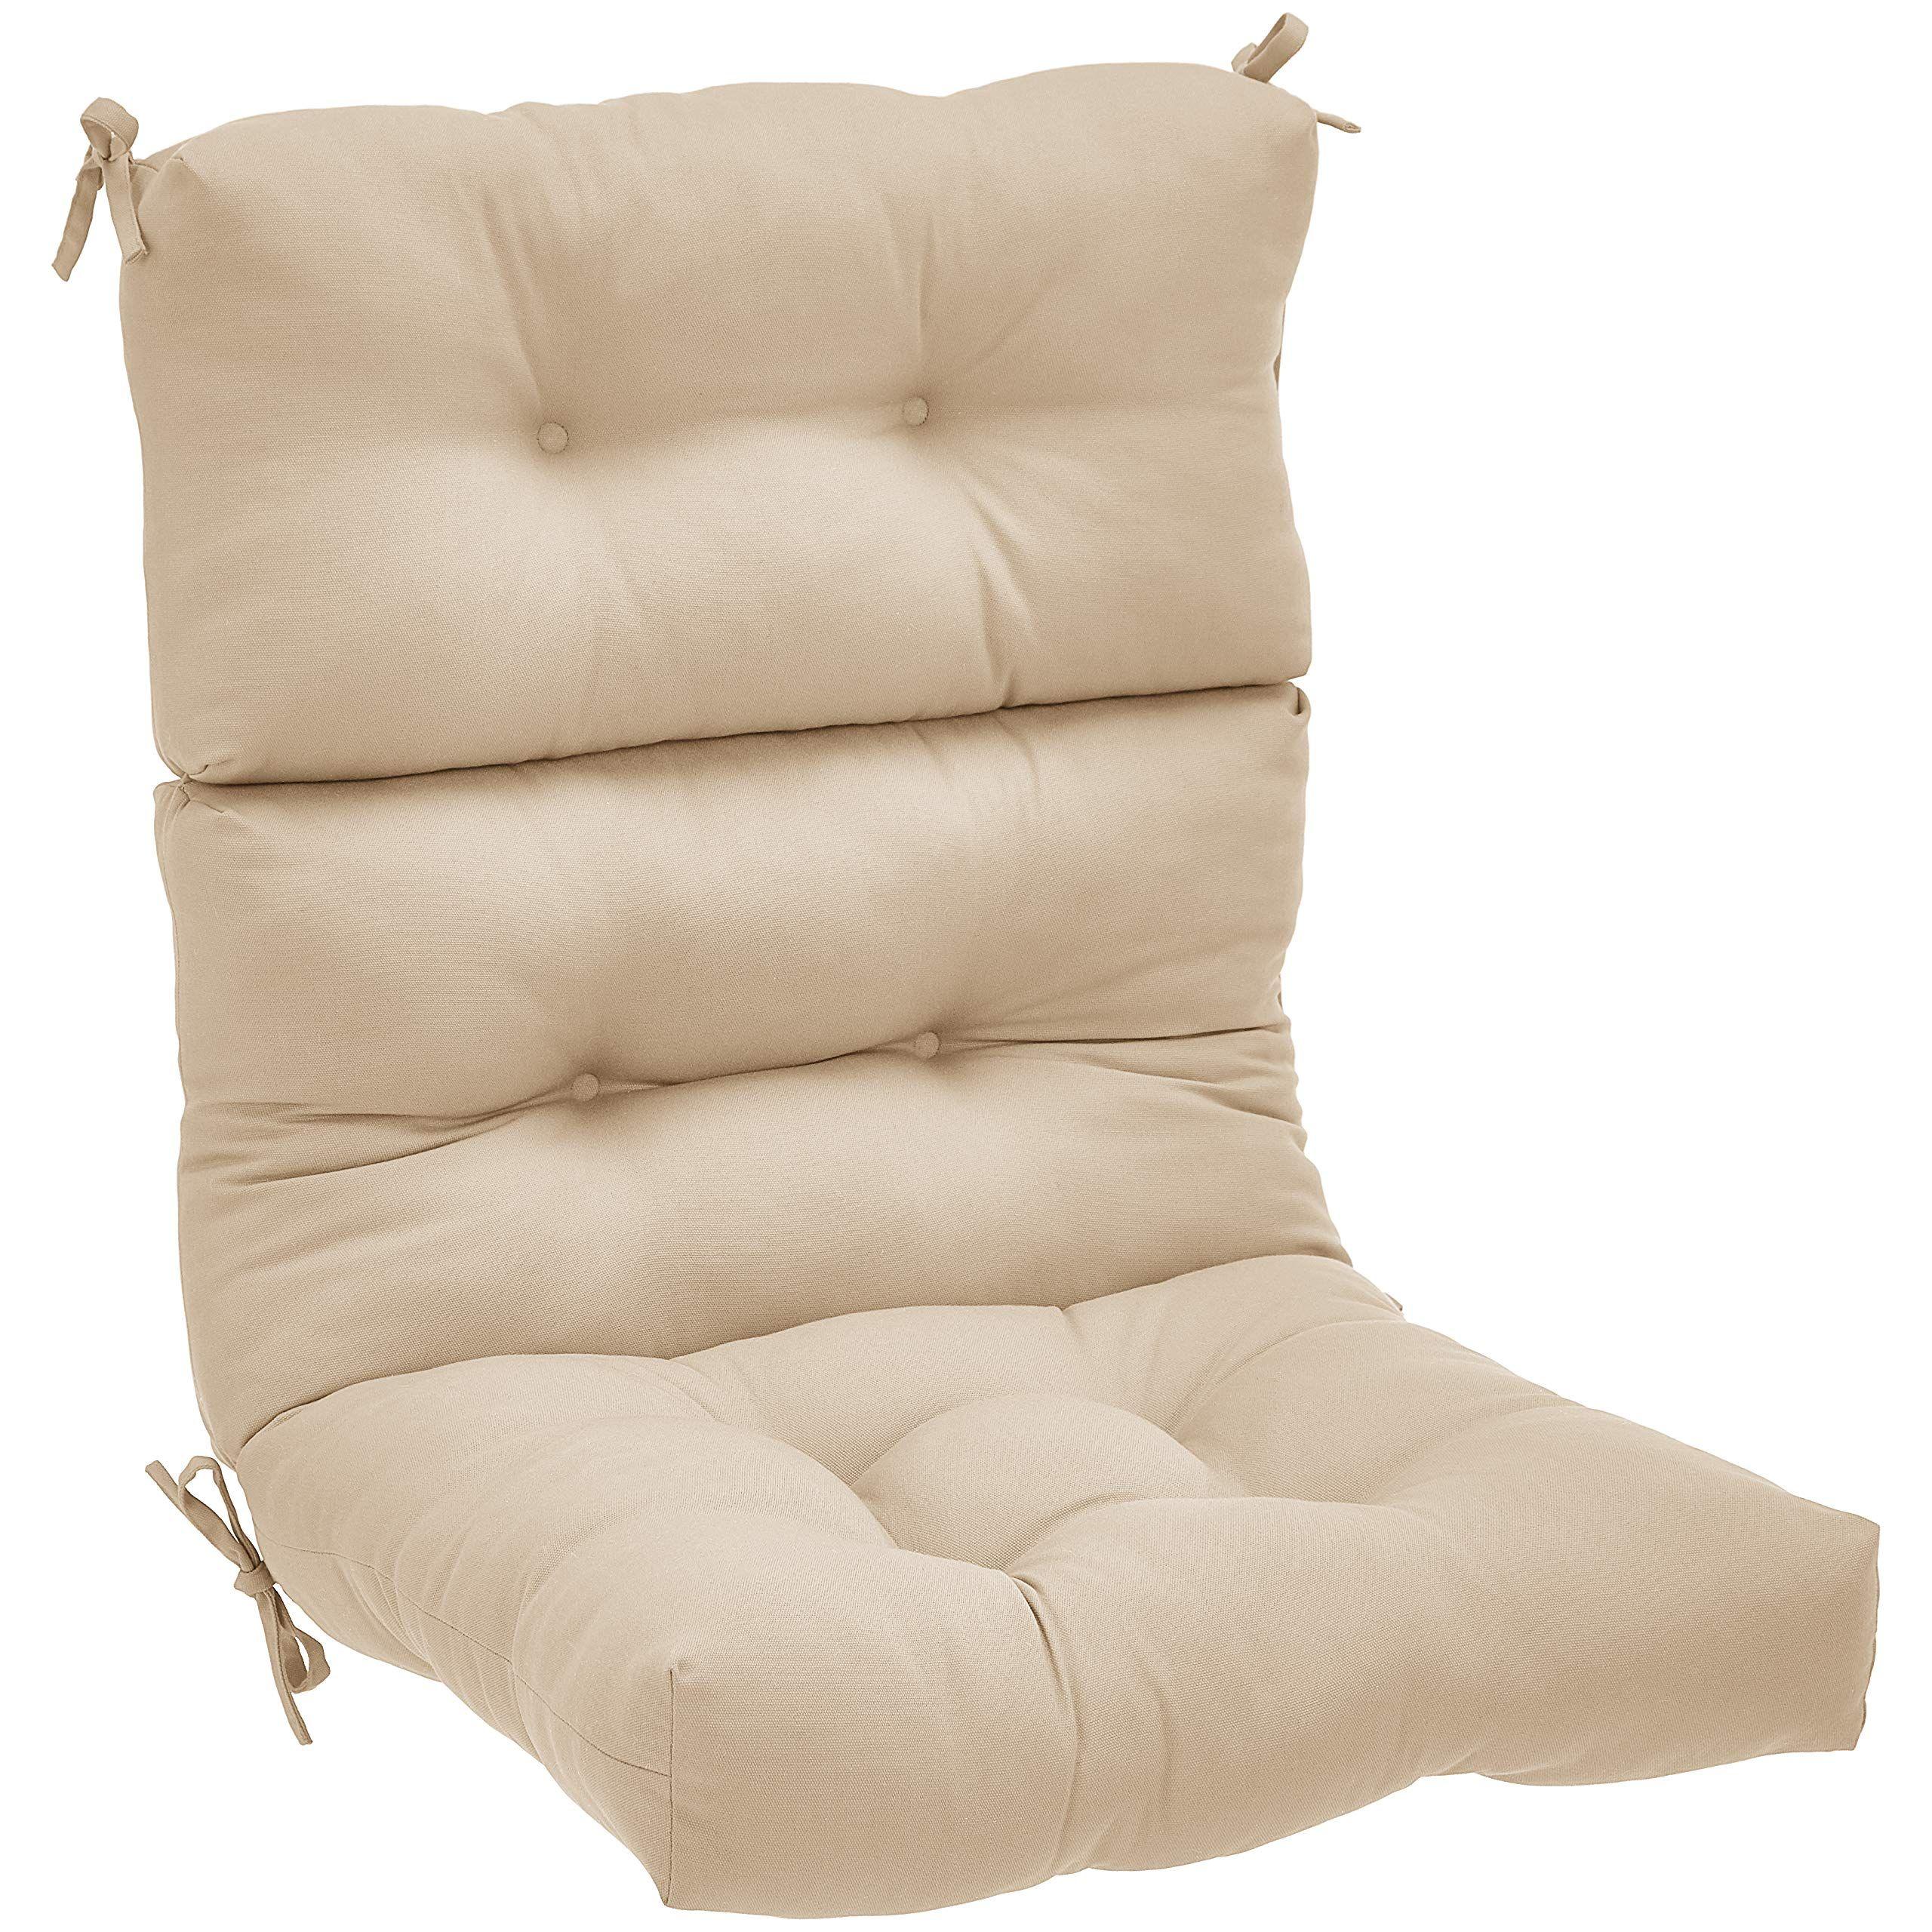 Amazonbasics tufted outdoor high back patio chair cushion